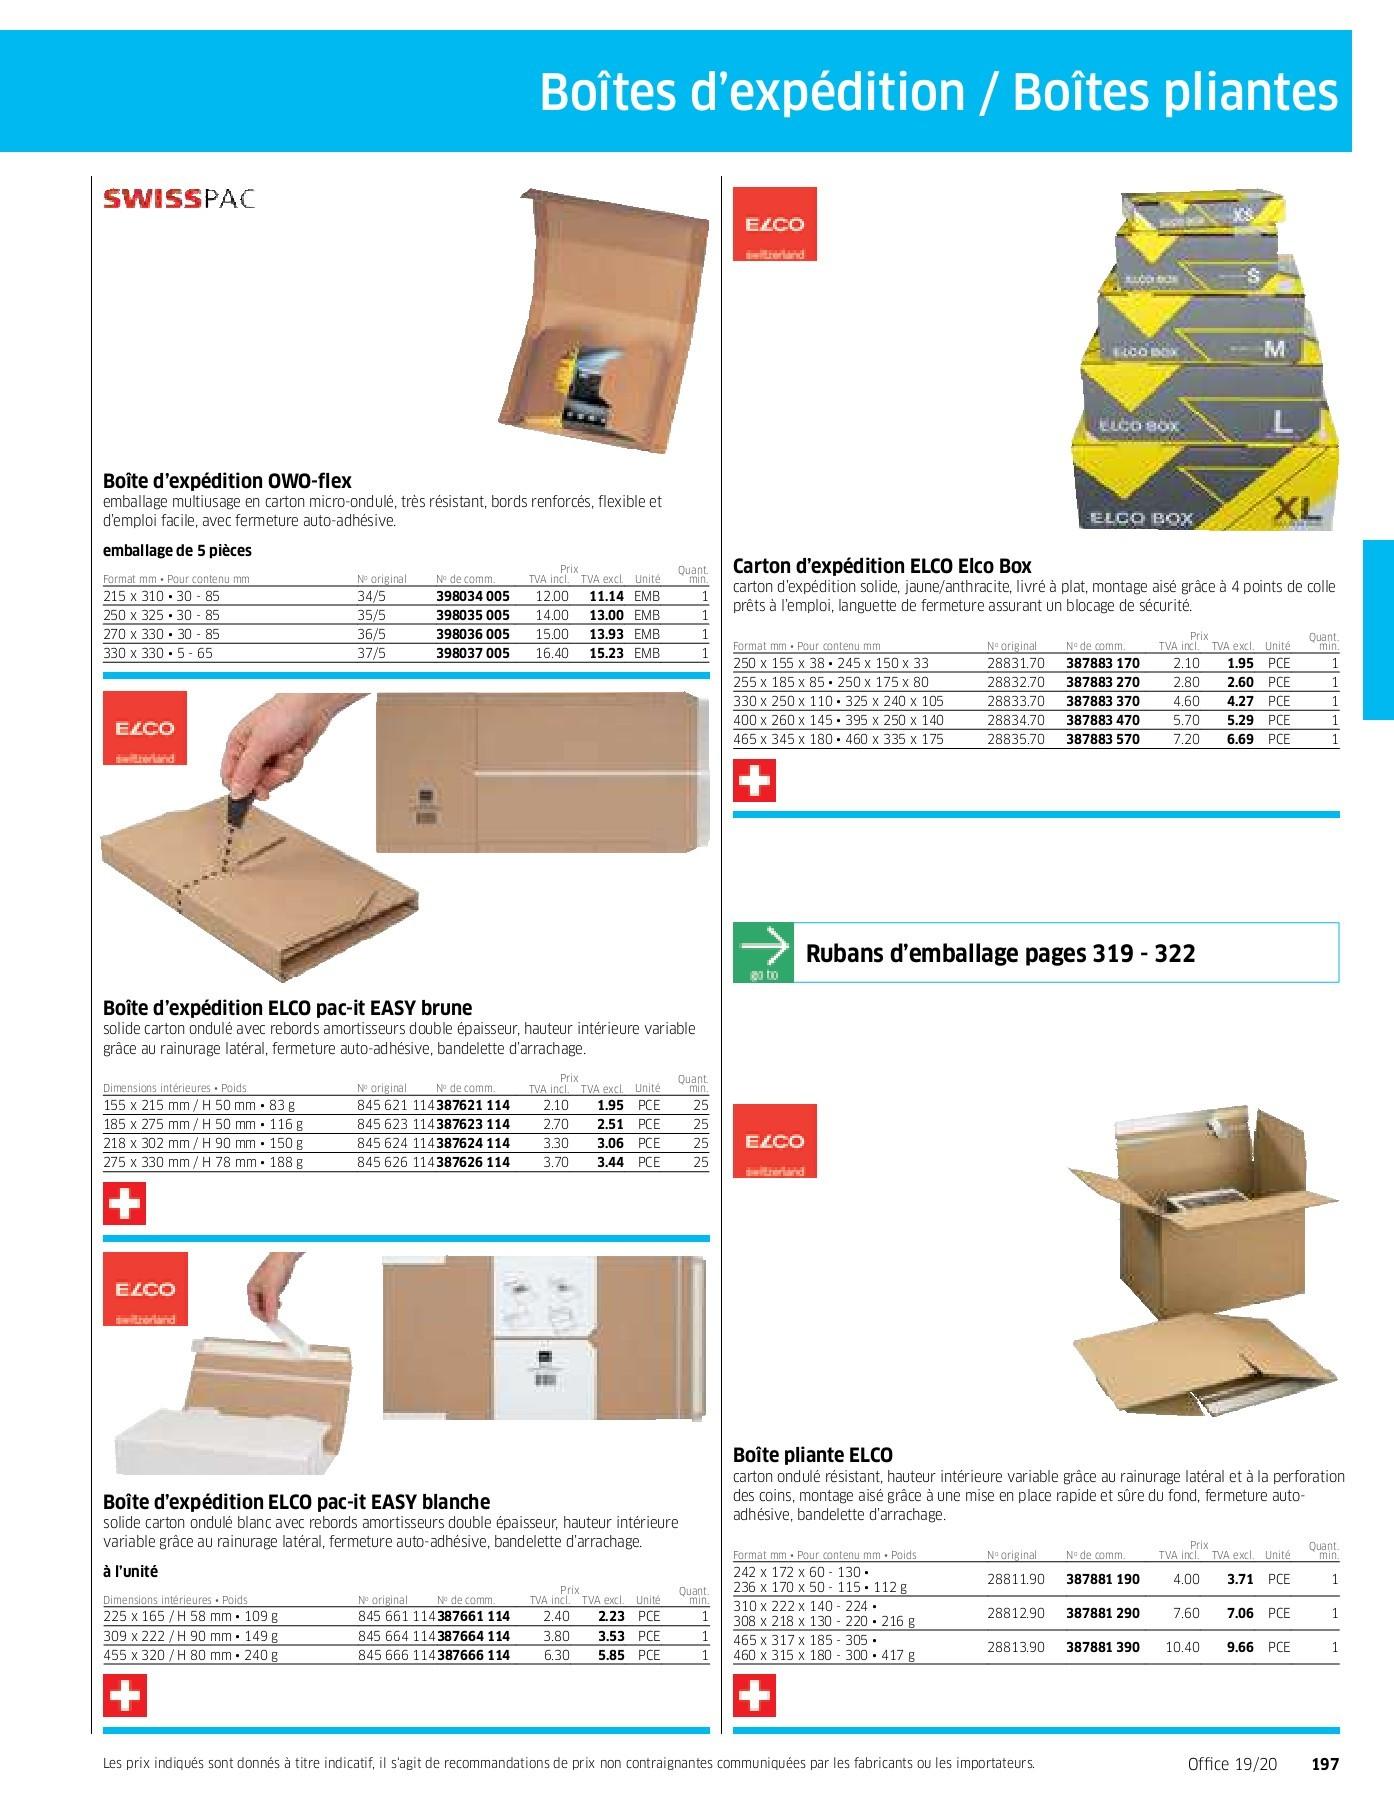 Durable 770557 Varicolor Lot de 5 bo/îtes de rangement Anthracite Range-revues